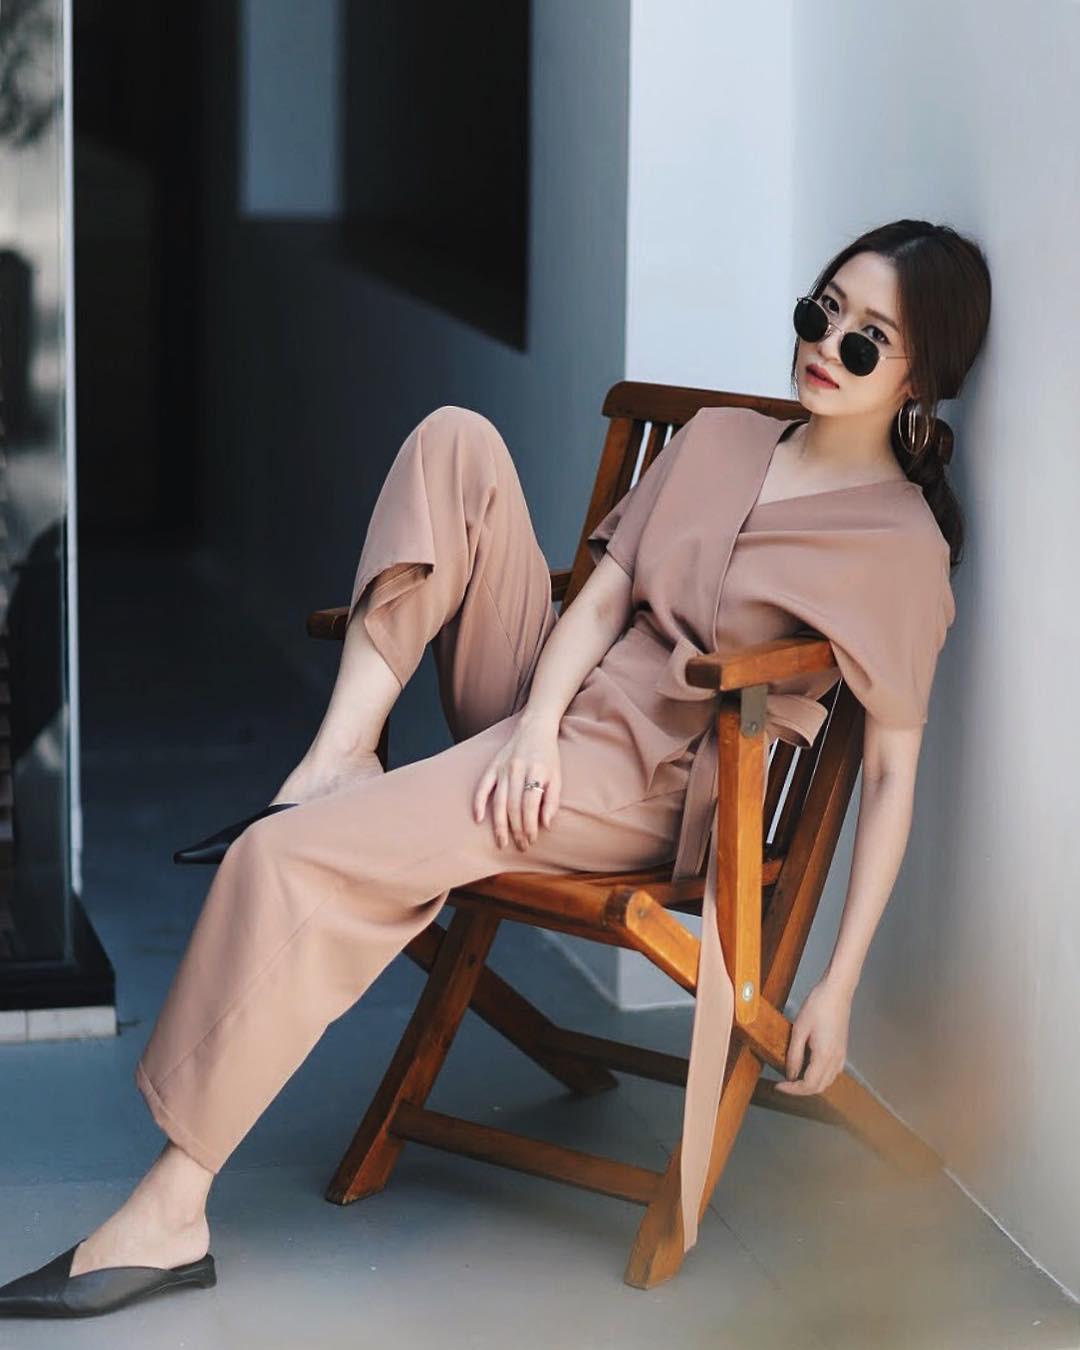 6 items thời trang các quý cô ngoài 30 tuổi cần có để thật xinh đẹp và cuốn hút trong mọi hoàn cảnh - Ảnh 11